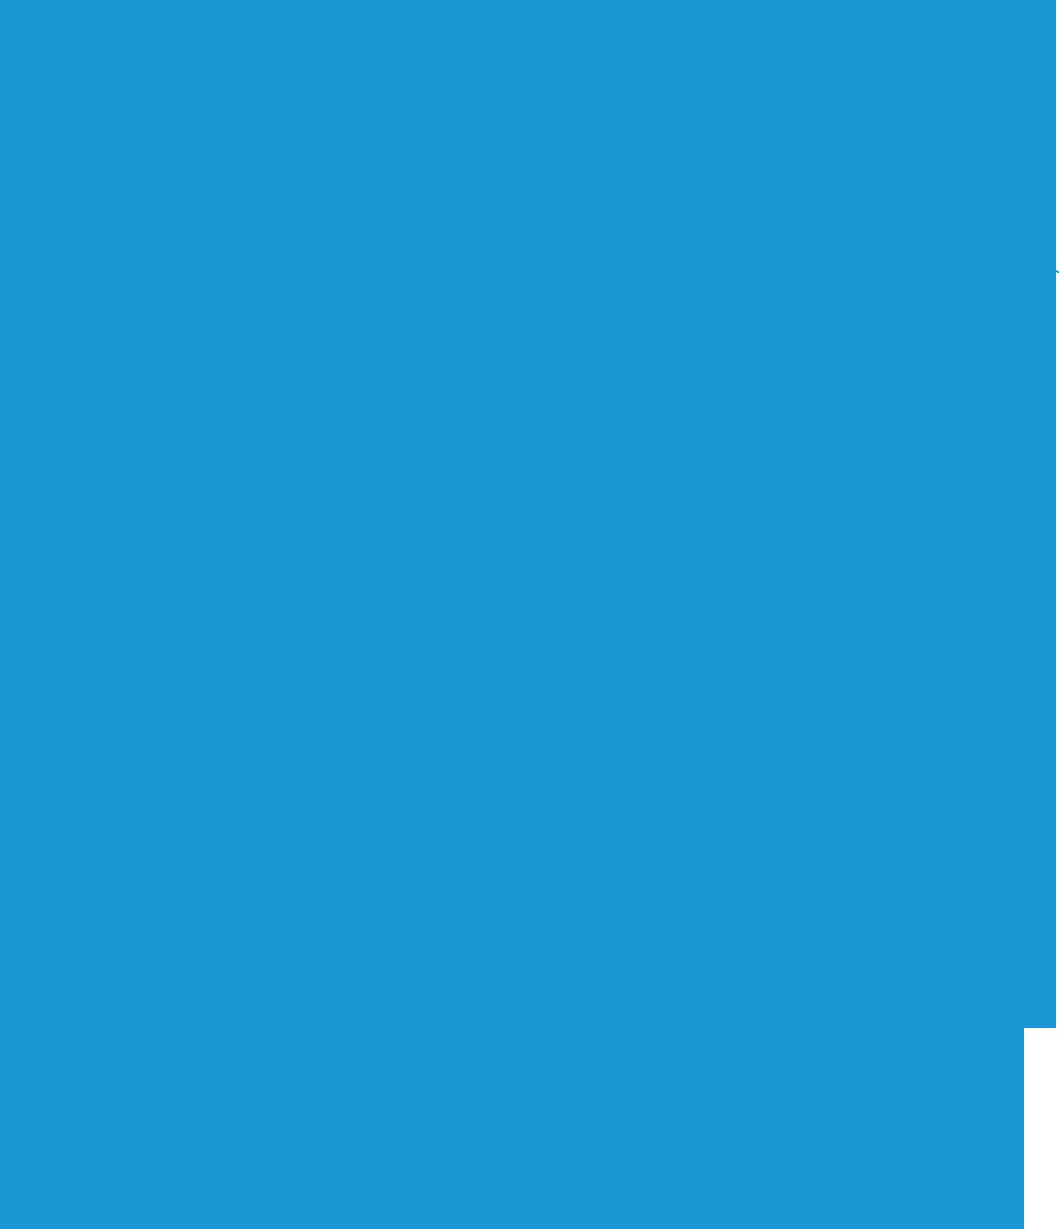 crane-transp-slider-02